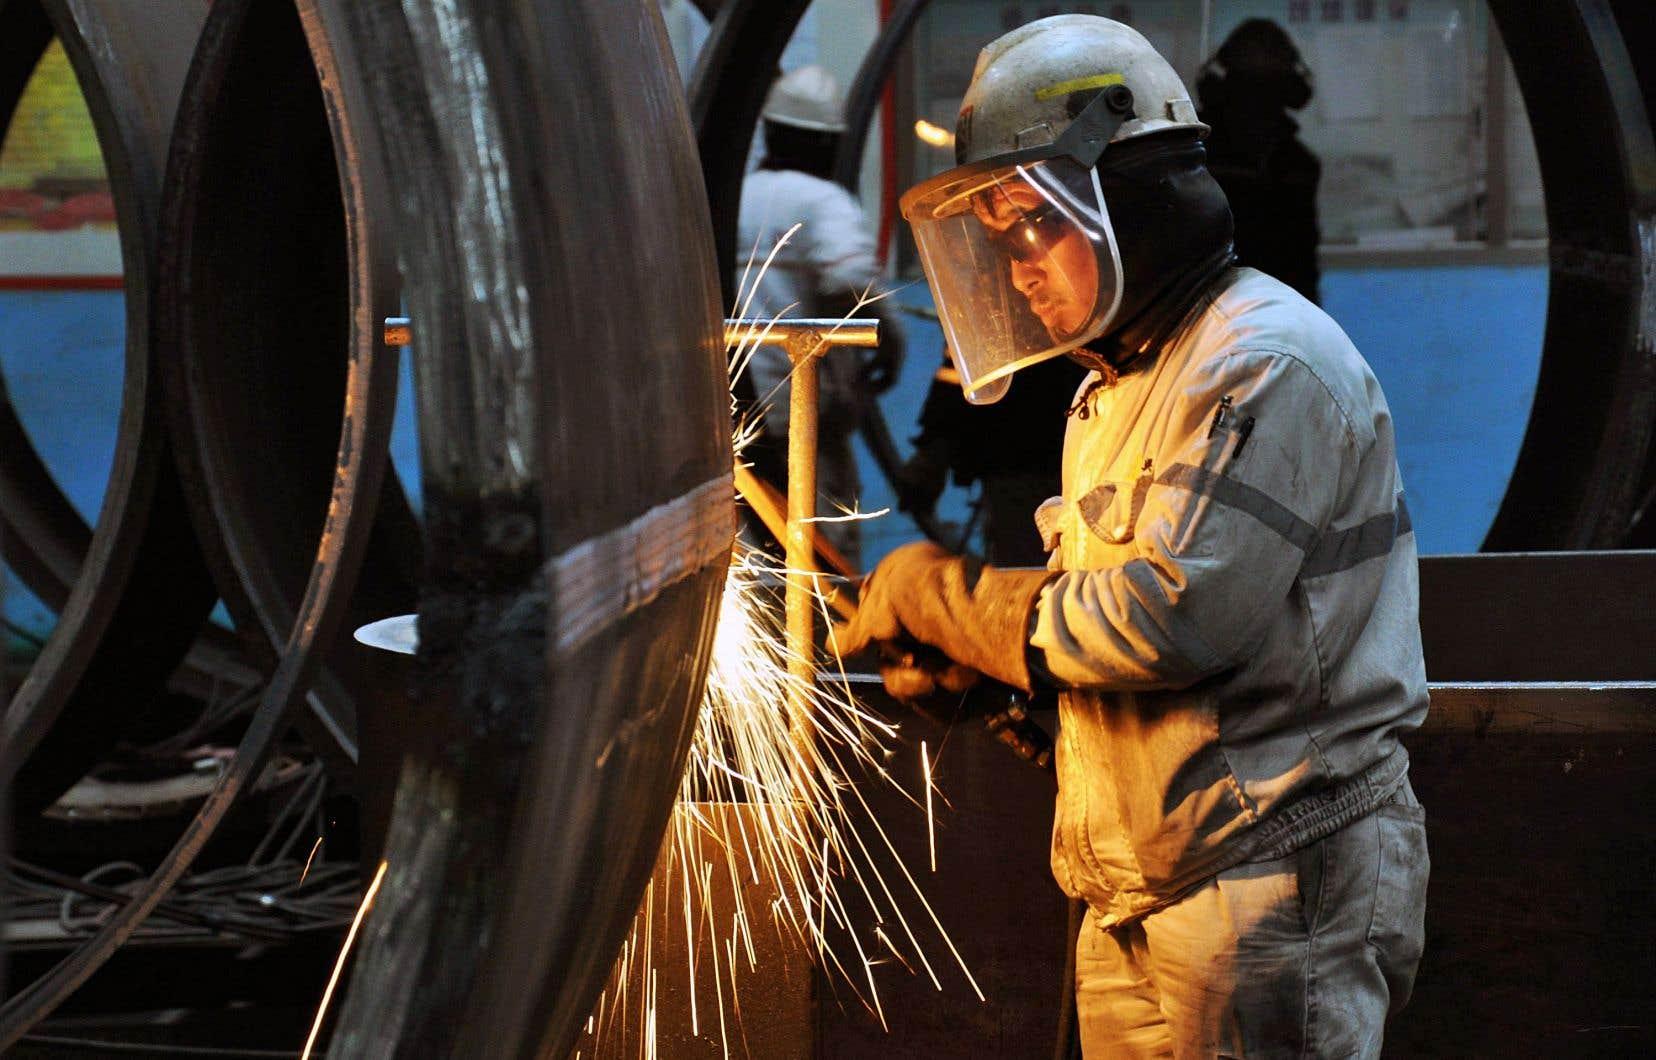 Avec la pénurie de main-d'oeuvre au Québec, le programme des travailleurs temporaires, qui touchait auparavant surtout les travailleurs agricoles ou les aides domestiques, se généralise dans tous les secteurs de l'économie.